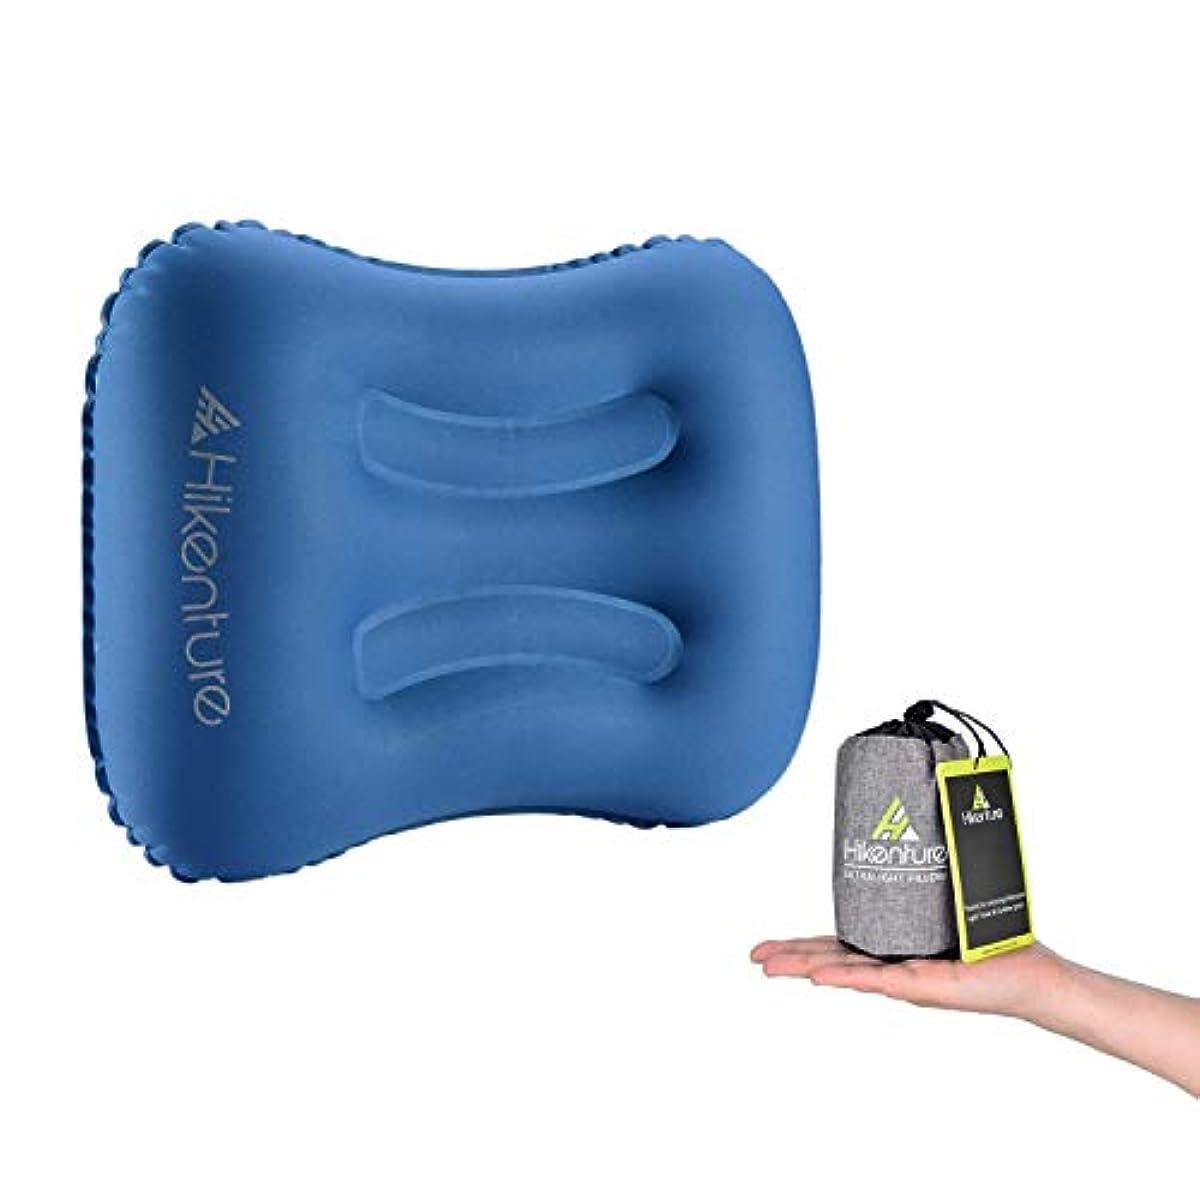 [해외] 에어 pillow HIKENTURE® 여행용침 트래블 pillow 마이 pillow 휴대용 쿠션 pillow 침수납 봉투 첨부 컴포트comfort 아웃도어 캠프 차 안박 사무실